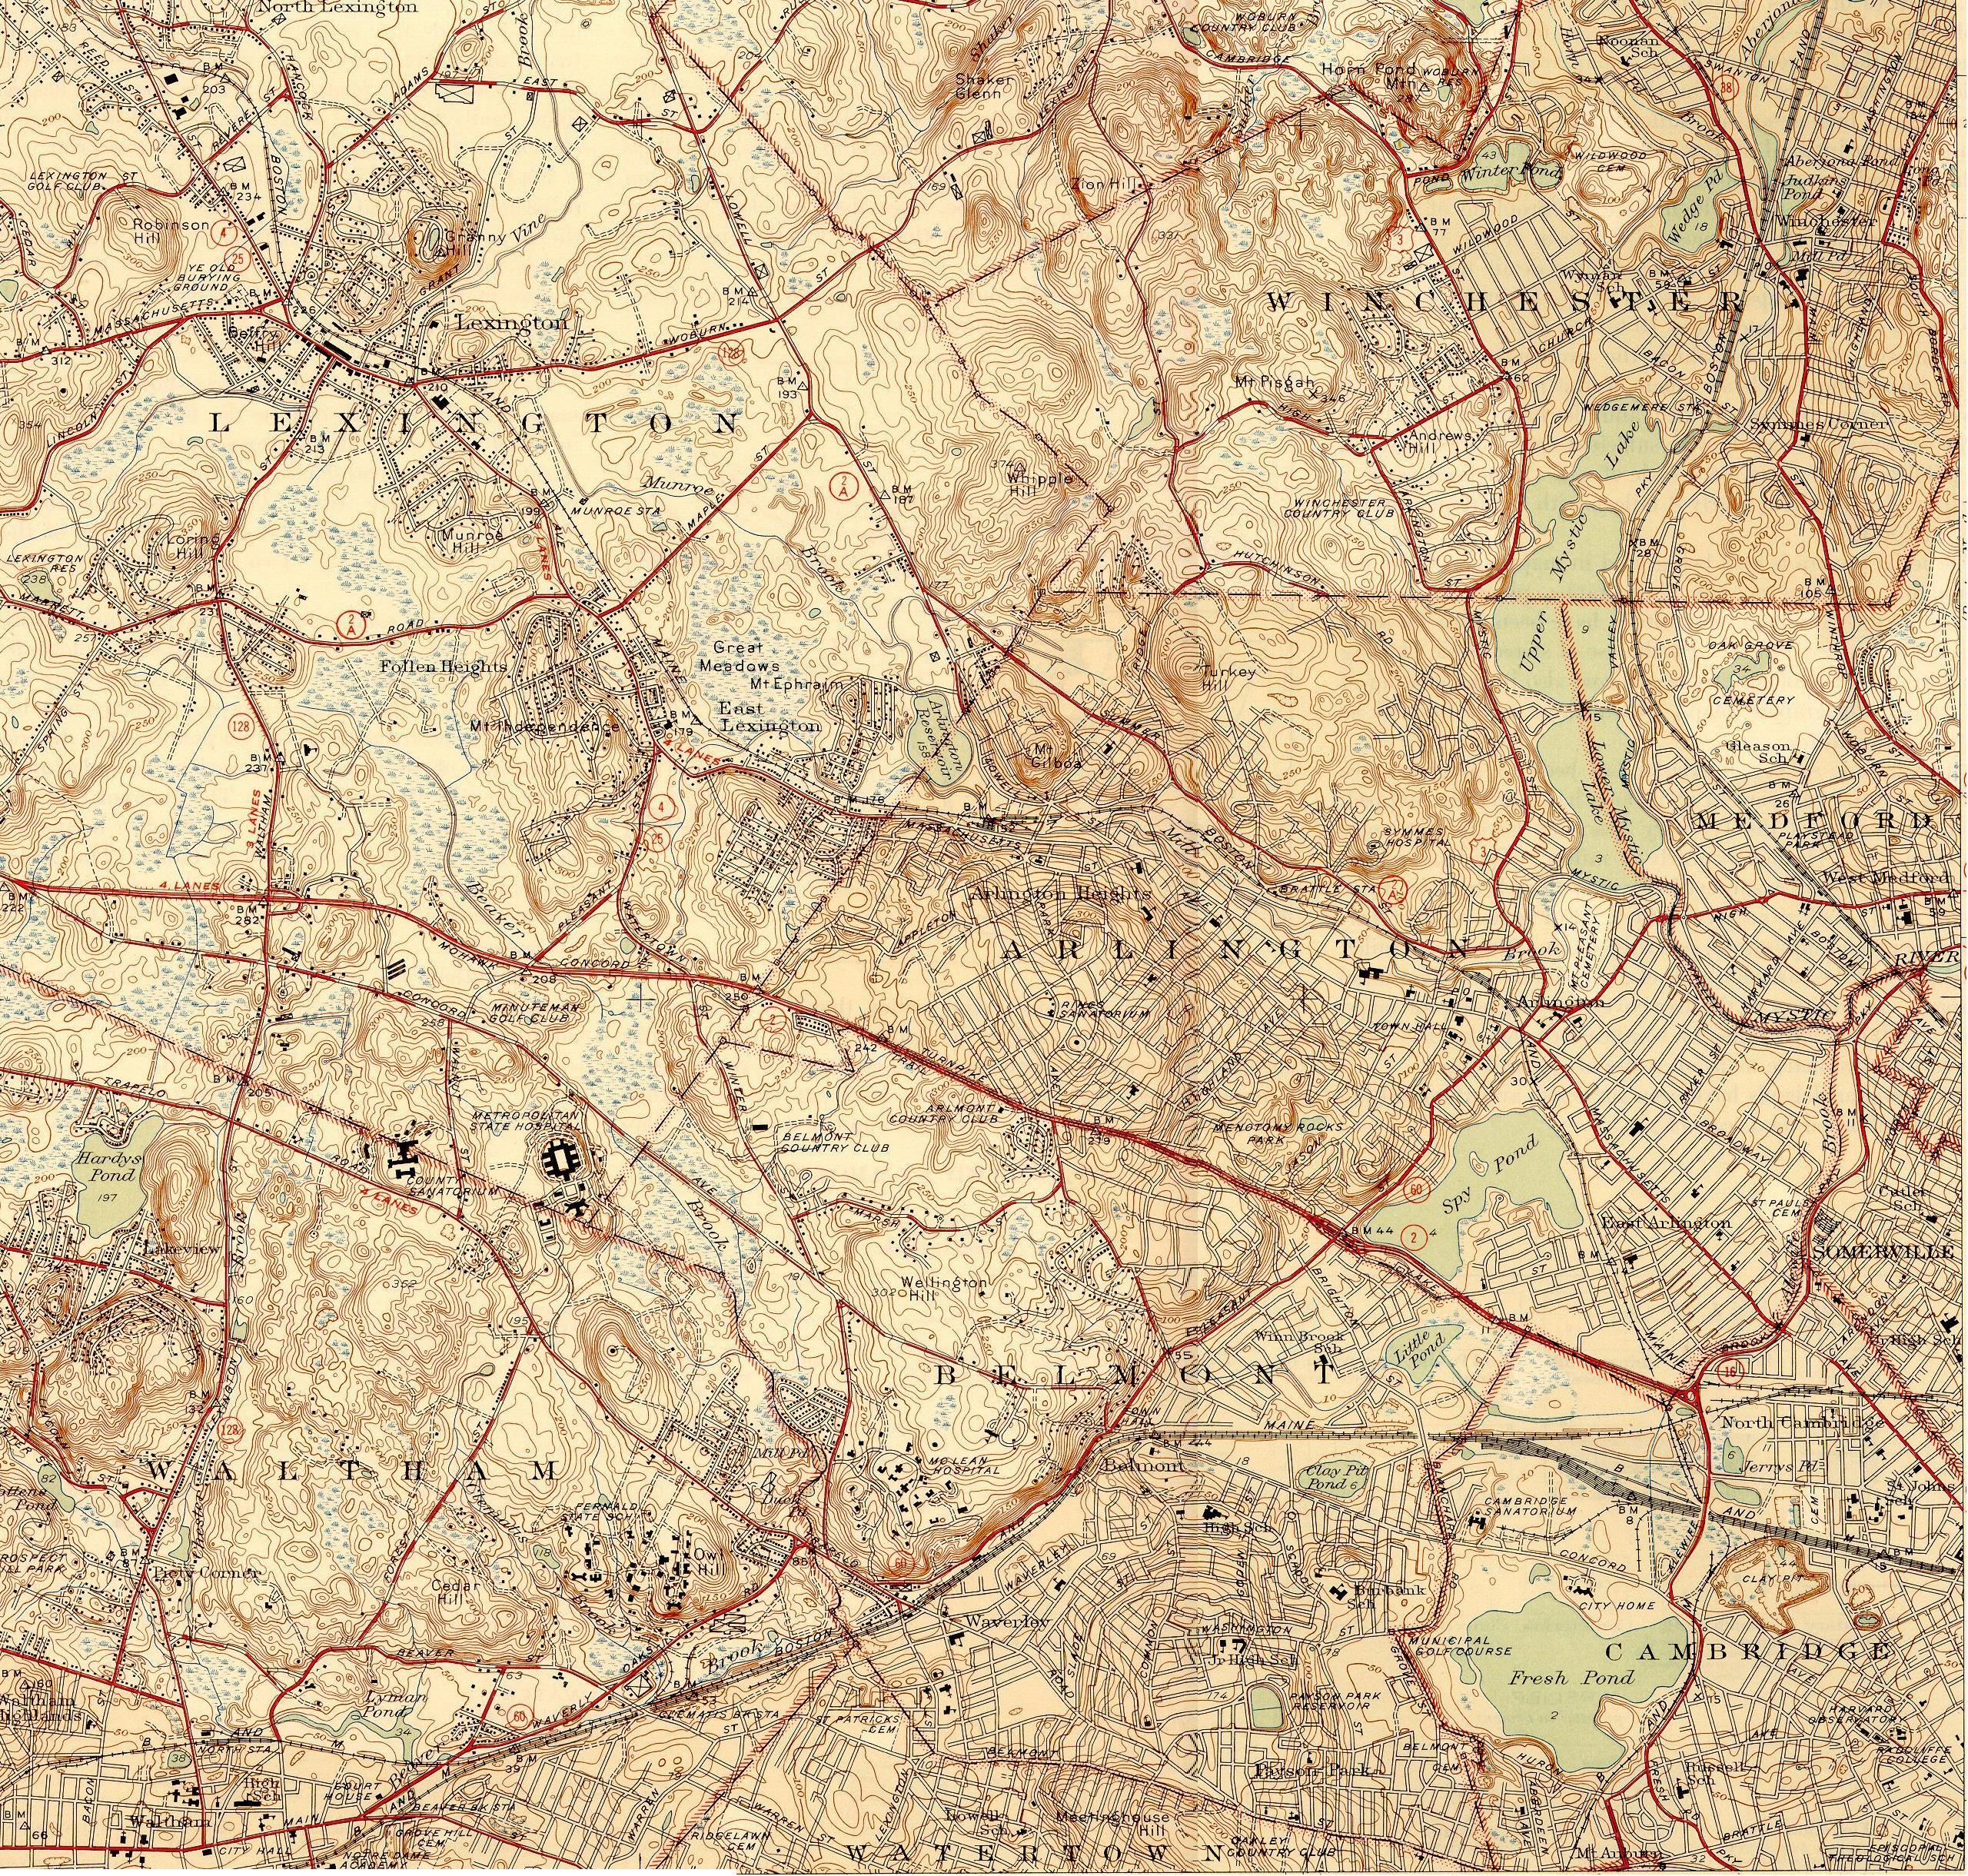 File:Topographic maps of Arlington, Belmont, Lexington ...